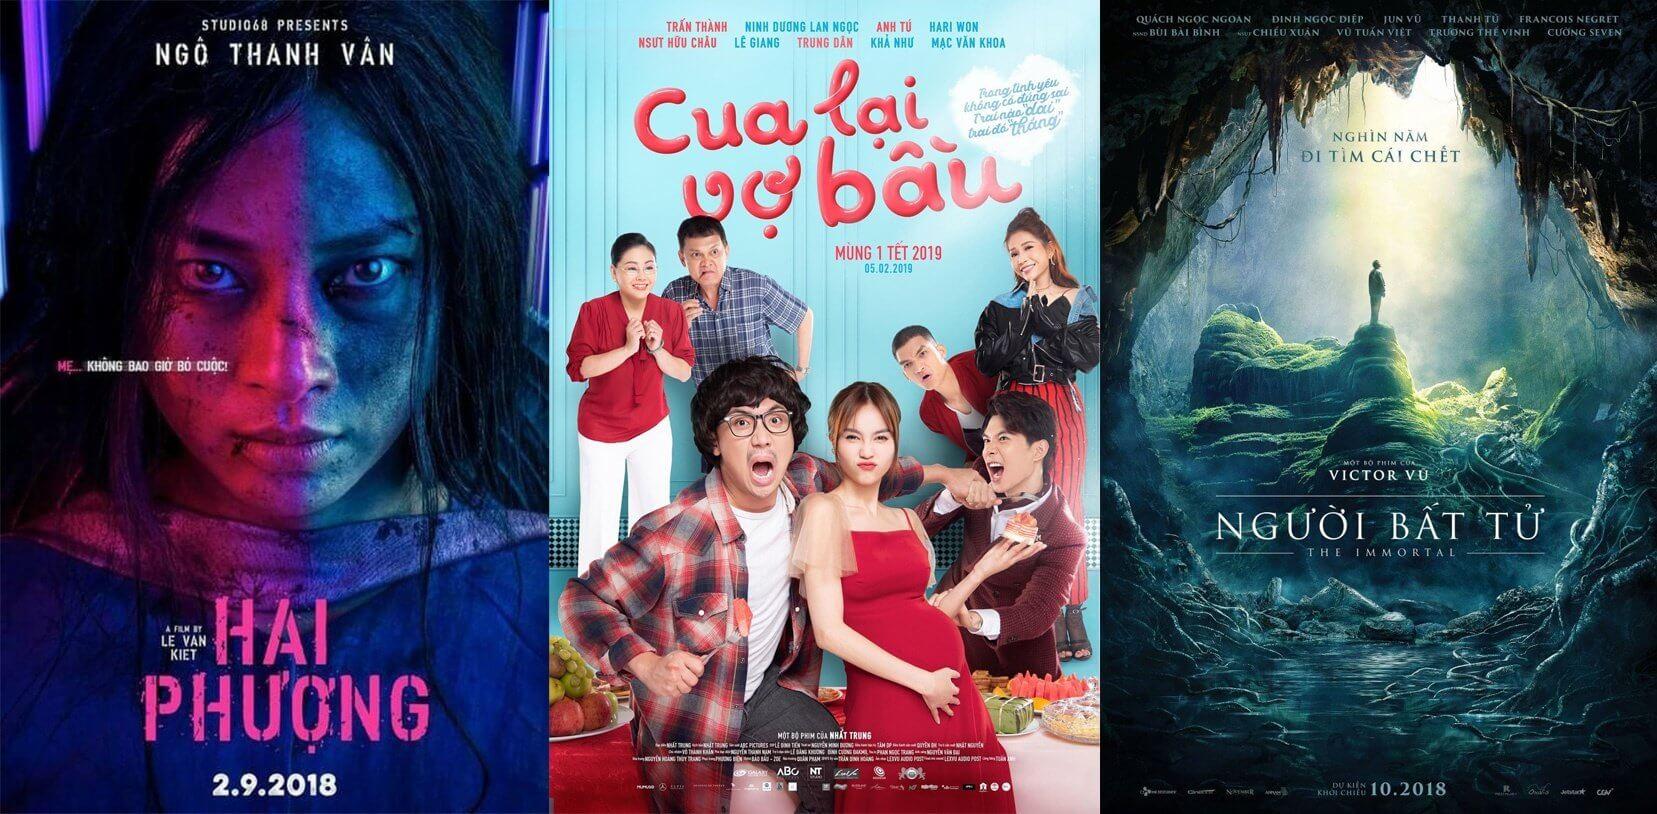 Top 5 bộ phim Việt Nam chiếu rạp hay nhất có doanh thu khủng